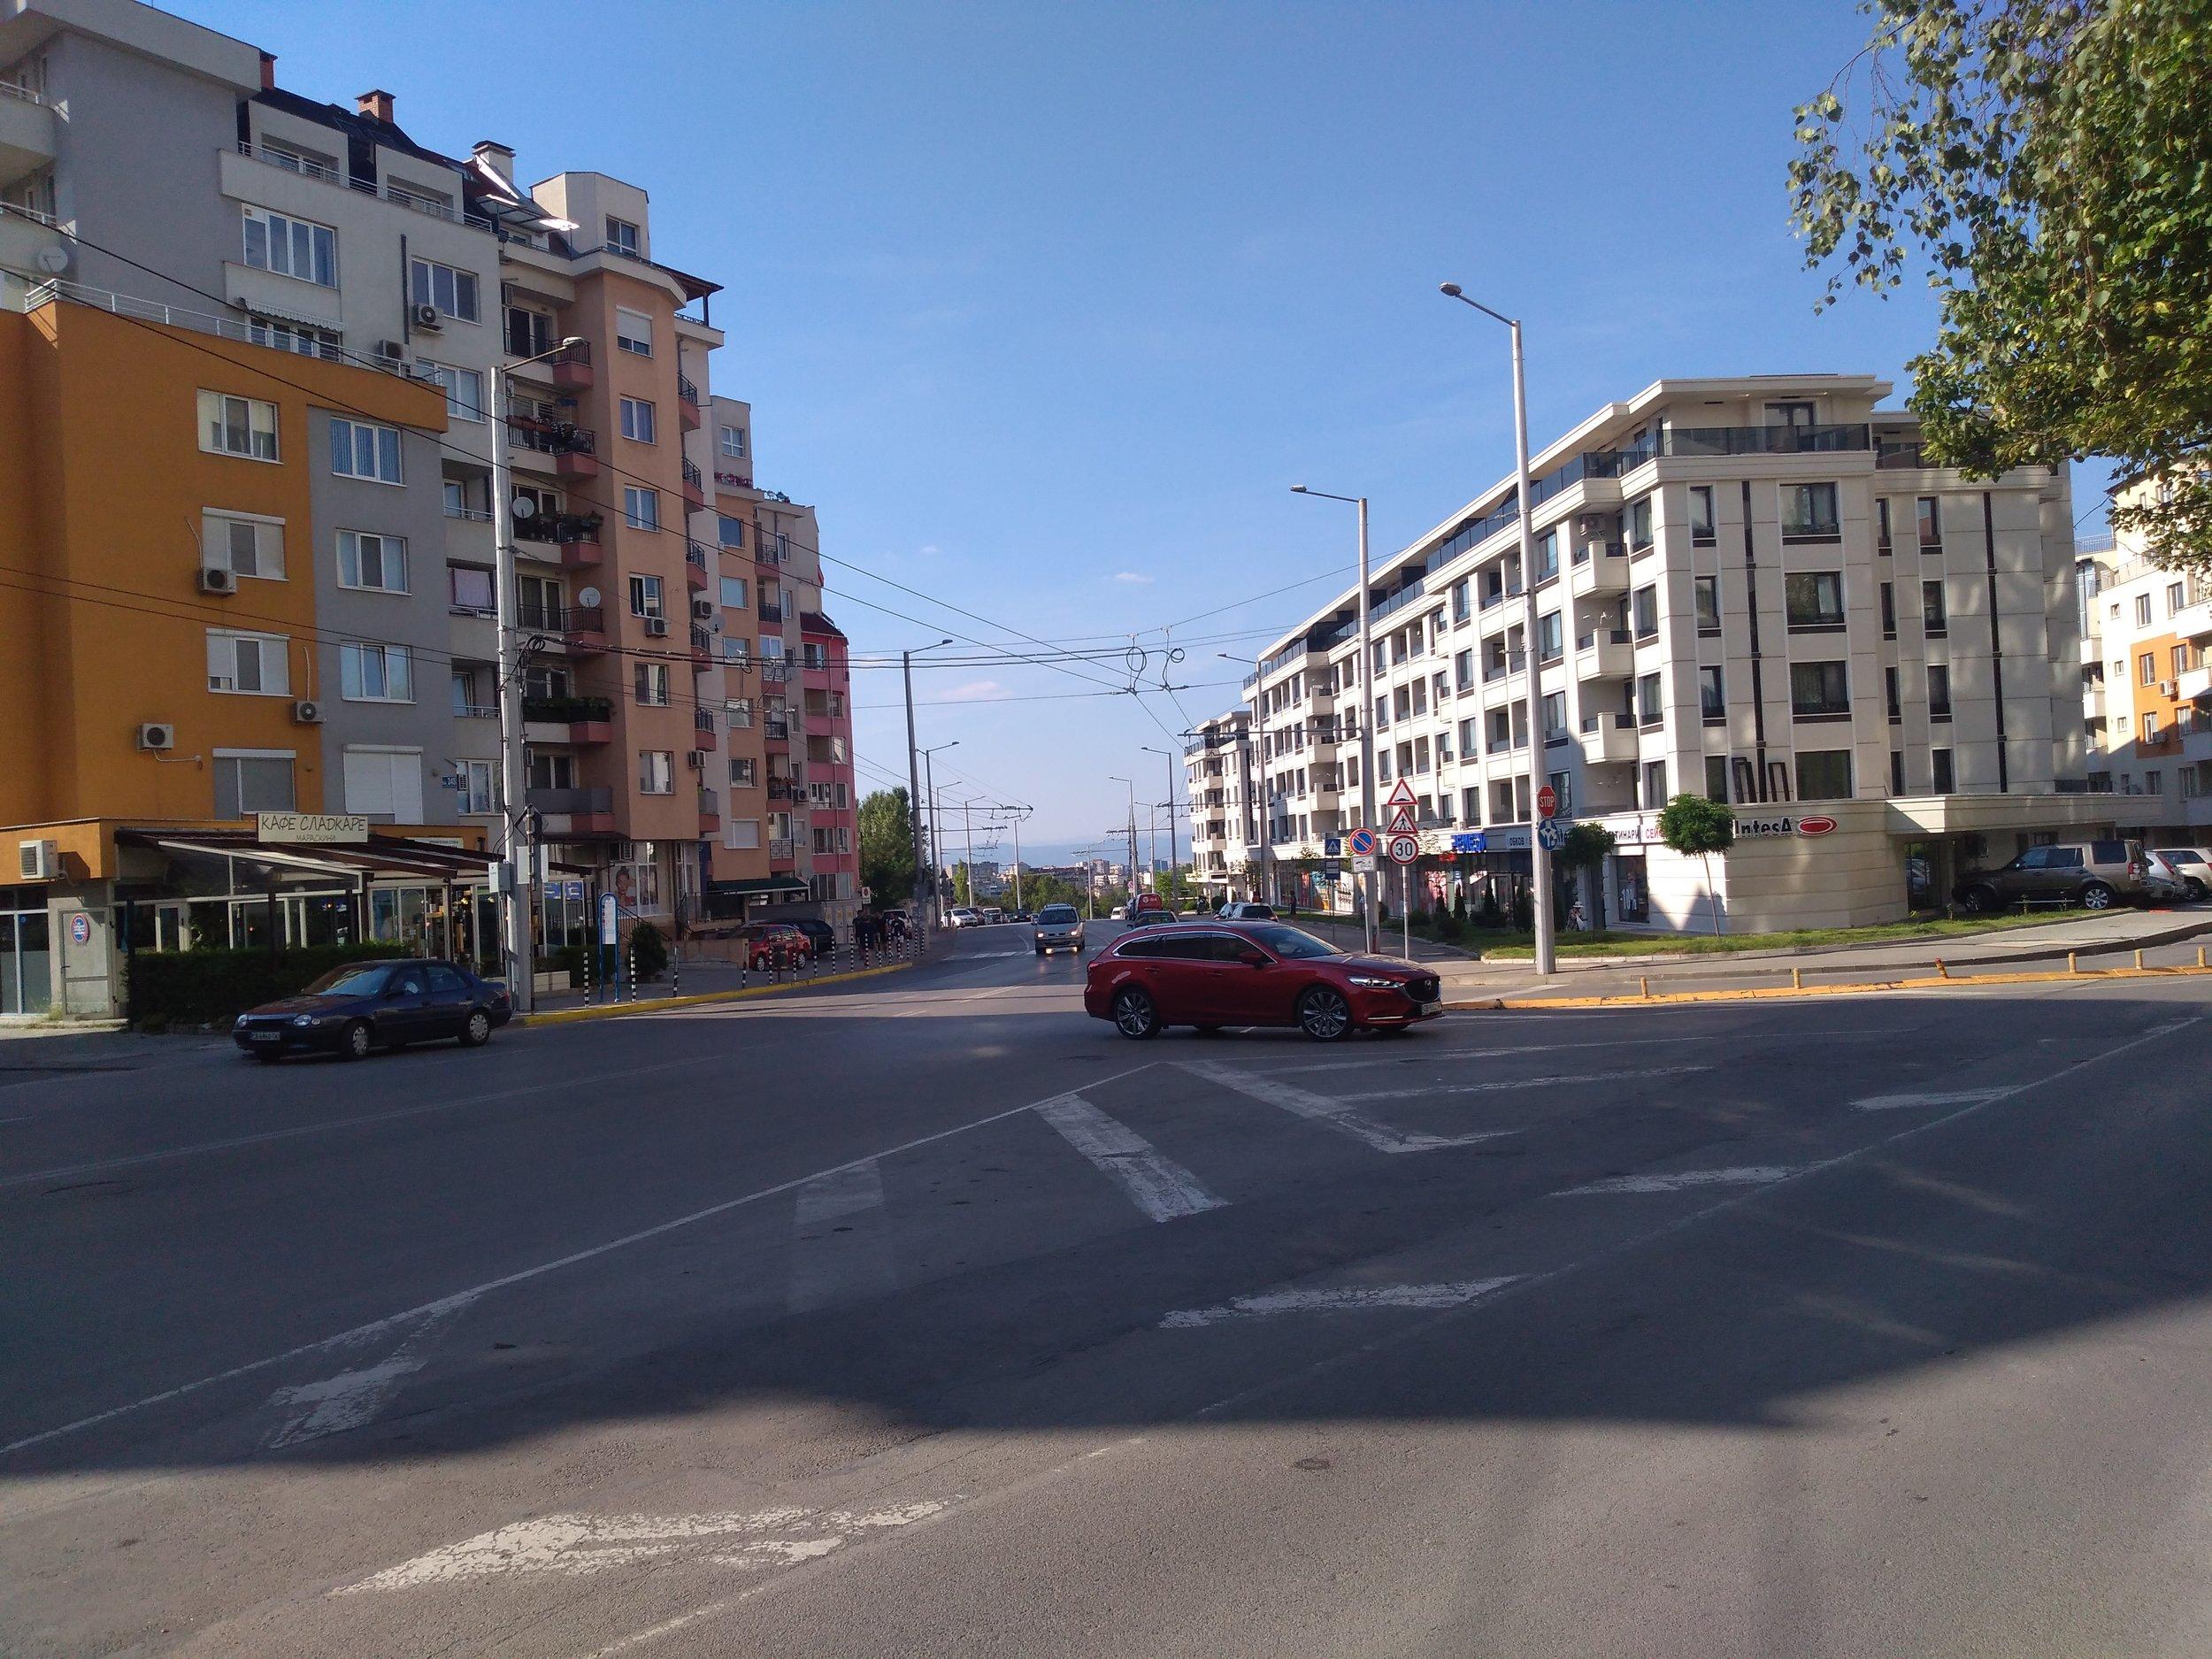 Dva pohledy od konečné Ž. K. Mladost-2 směrem ke konečné Ž. K. Mladost-1 a centru města.